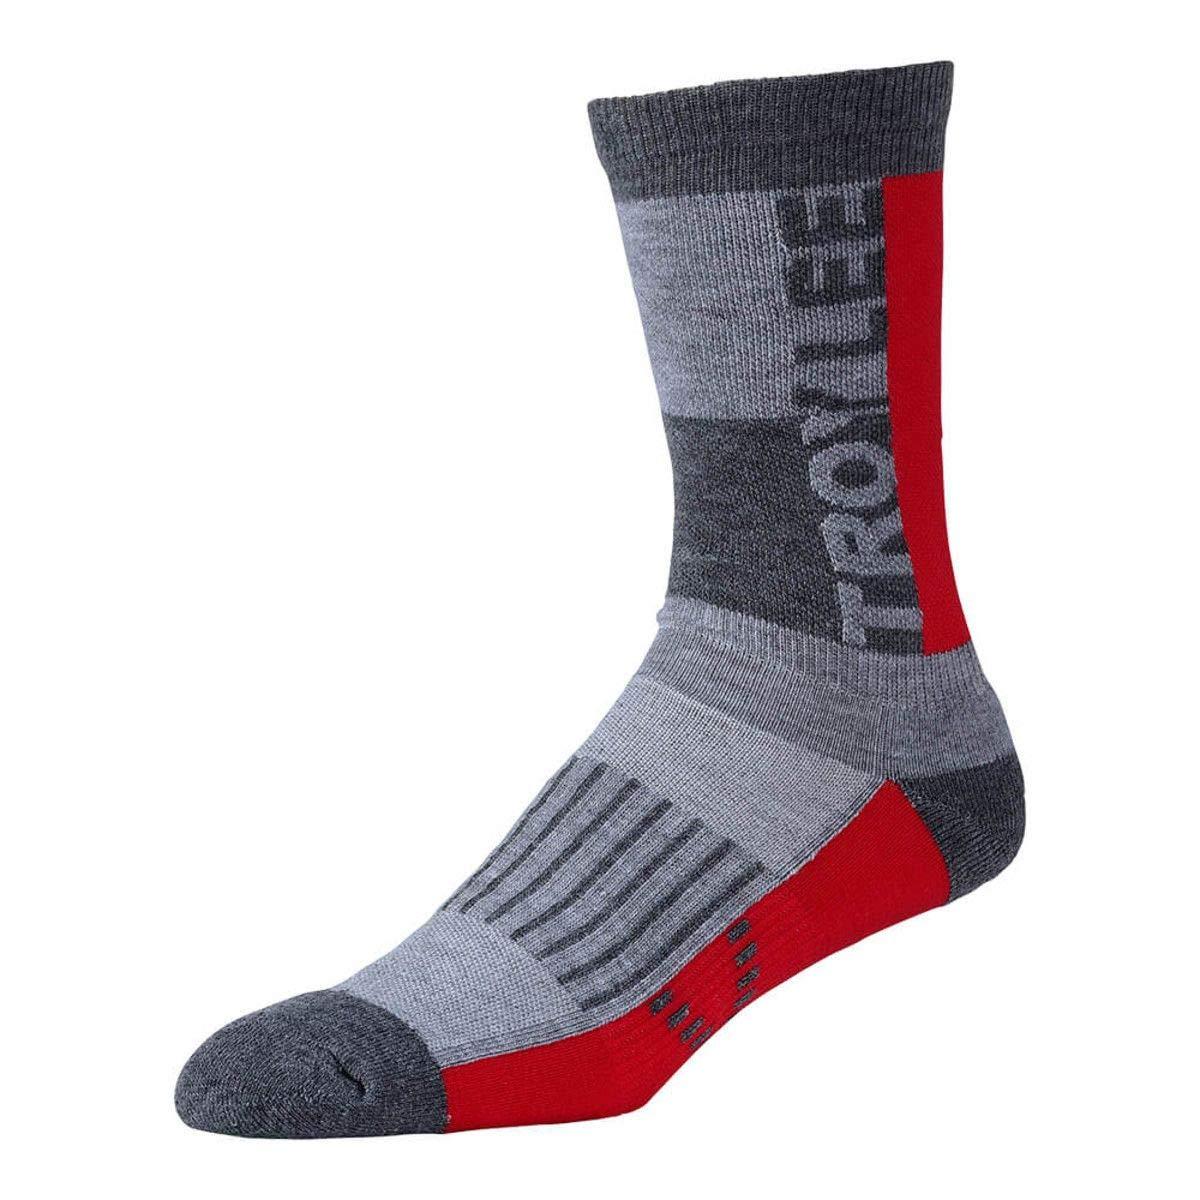 Troy Lee Designs Mens Performance Block Crew Socks